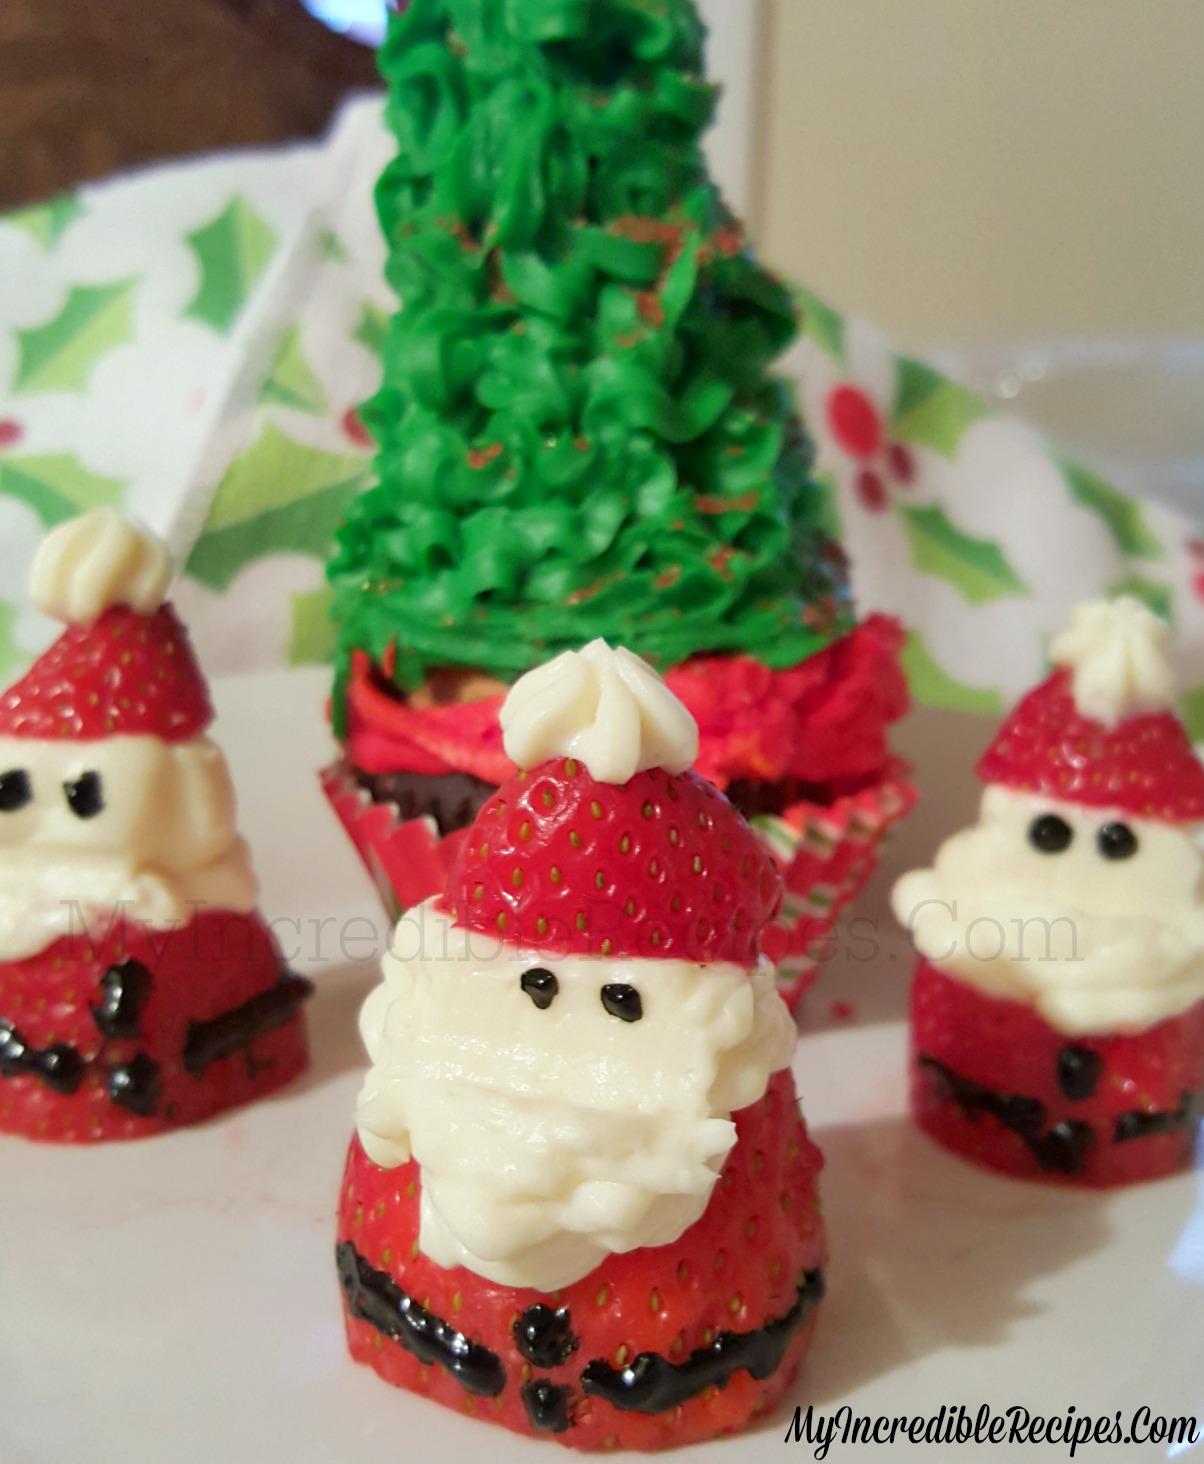 Christmas Cheesecake.Strawberry Cheesecake Santas For Christmas